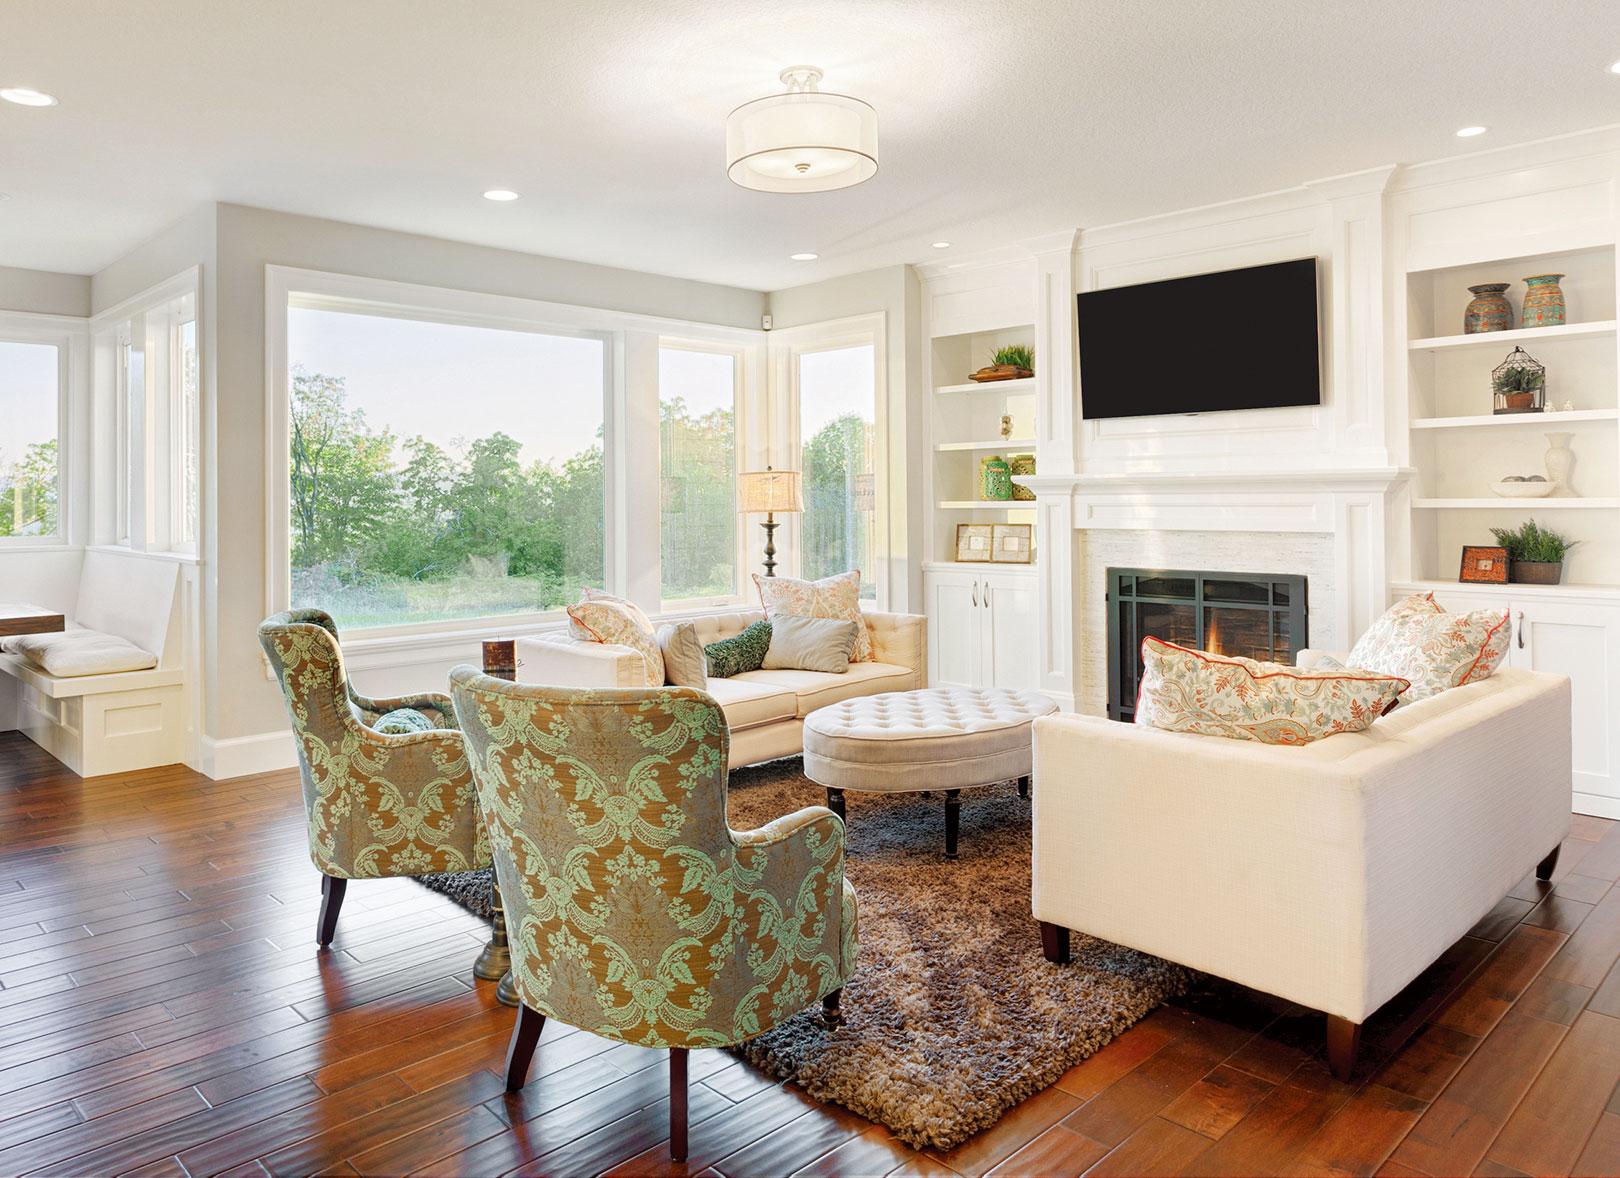 選擇地毯時,應考慮其顏色和材質是否能與室內的空間風格契合。(Fotolia)